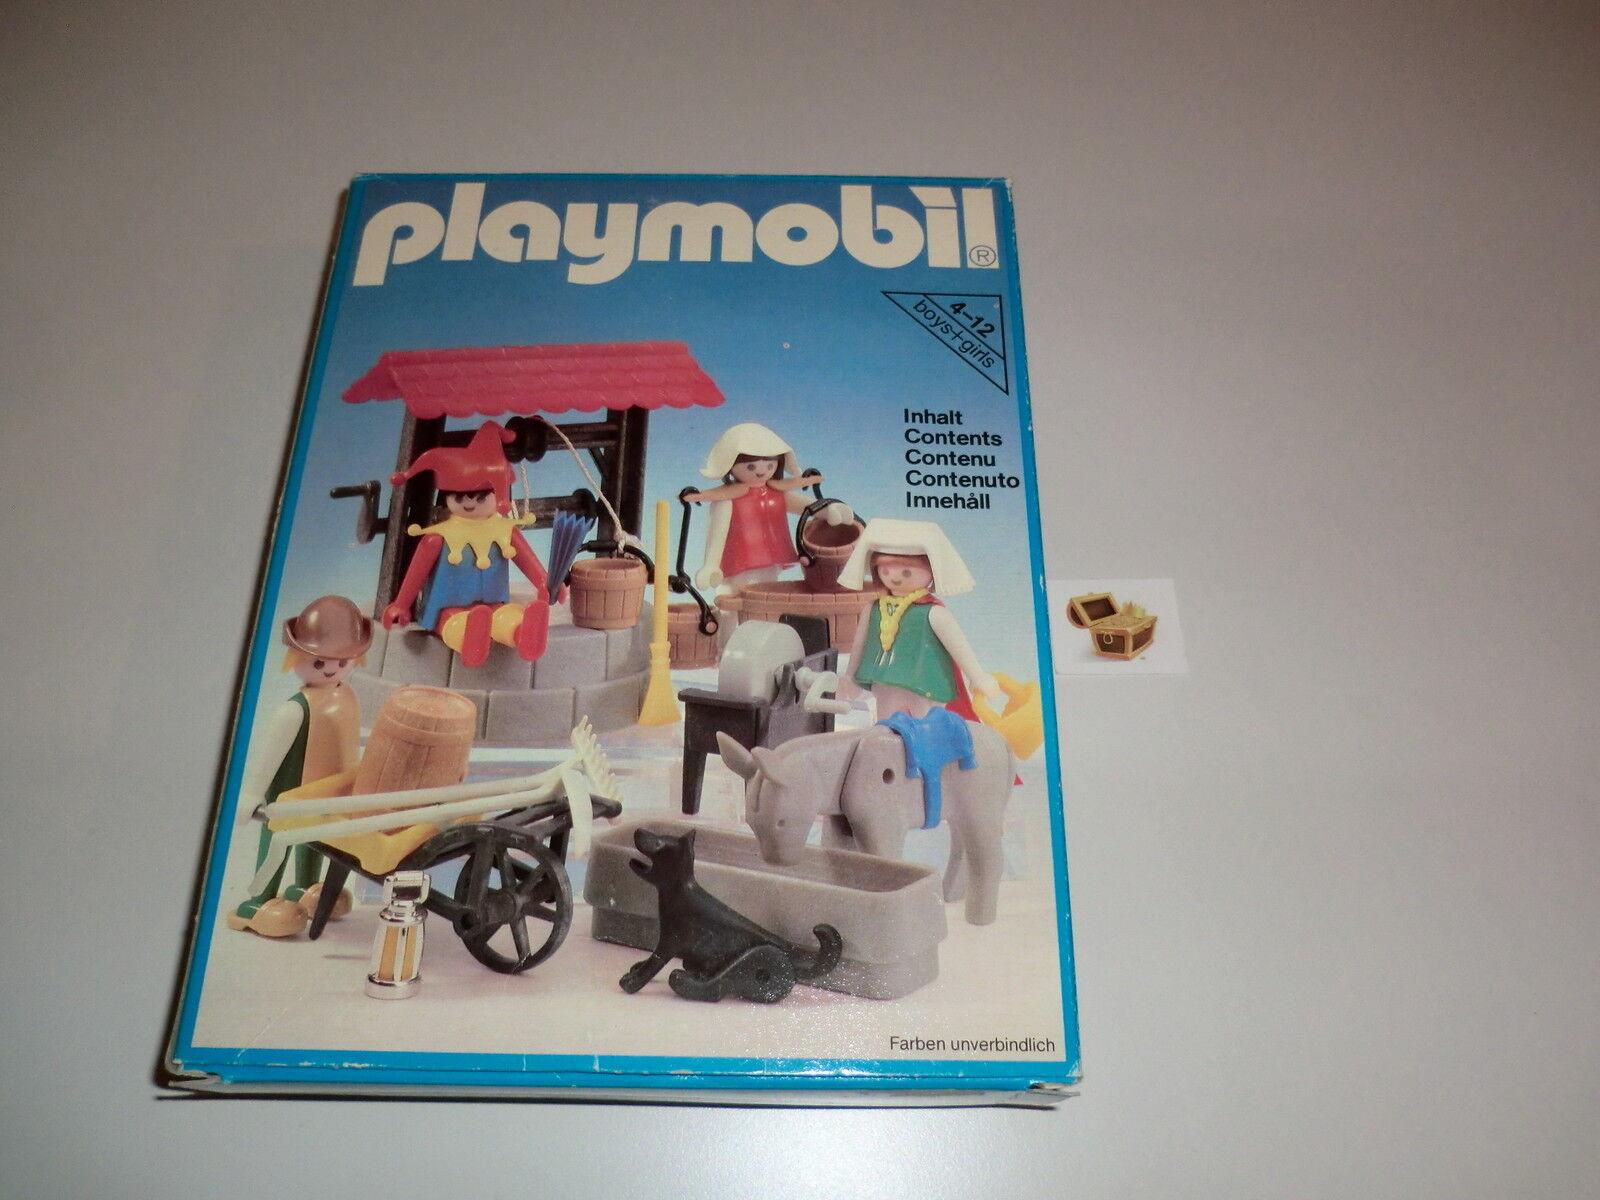 Playmobil Klicky Klicky Klicky Set 3487 Hofnarr Brunnen Joch Wasserträgerin Bauern Neu OVP 125ae4